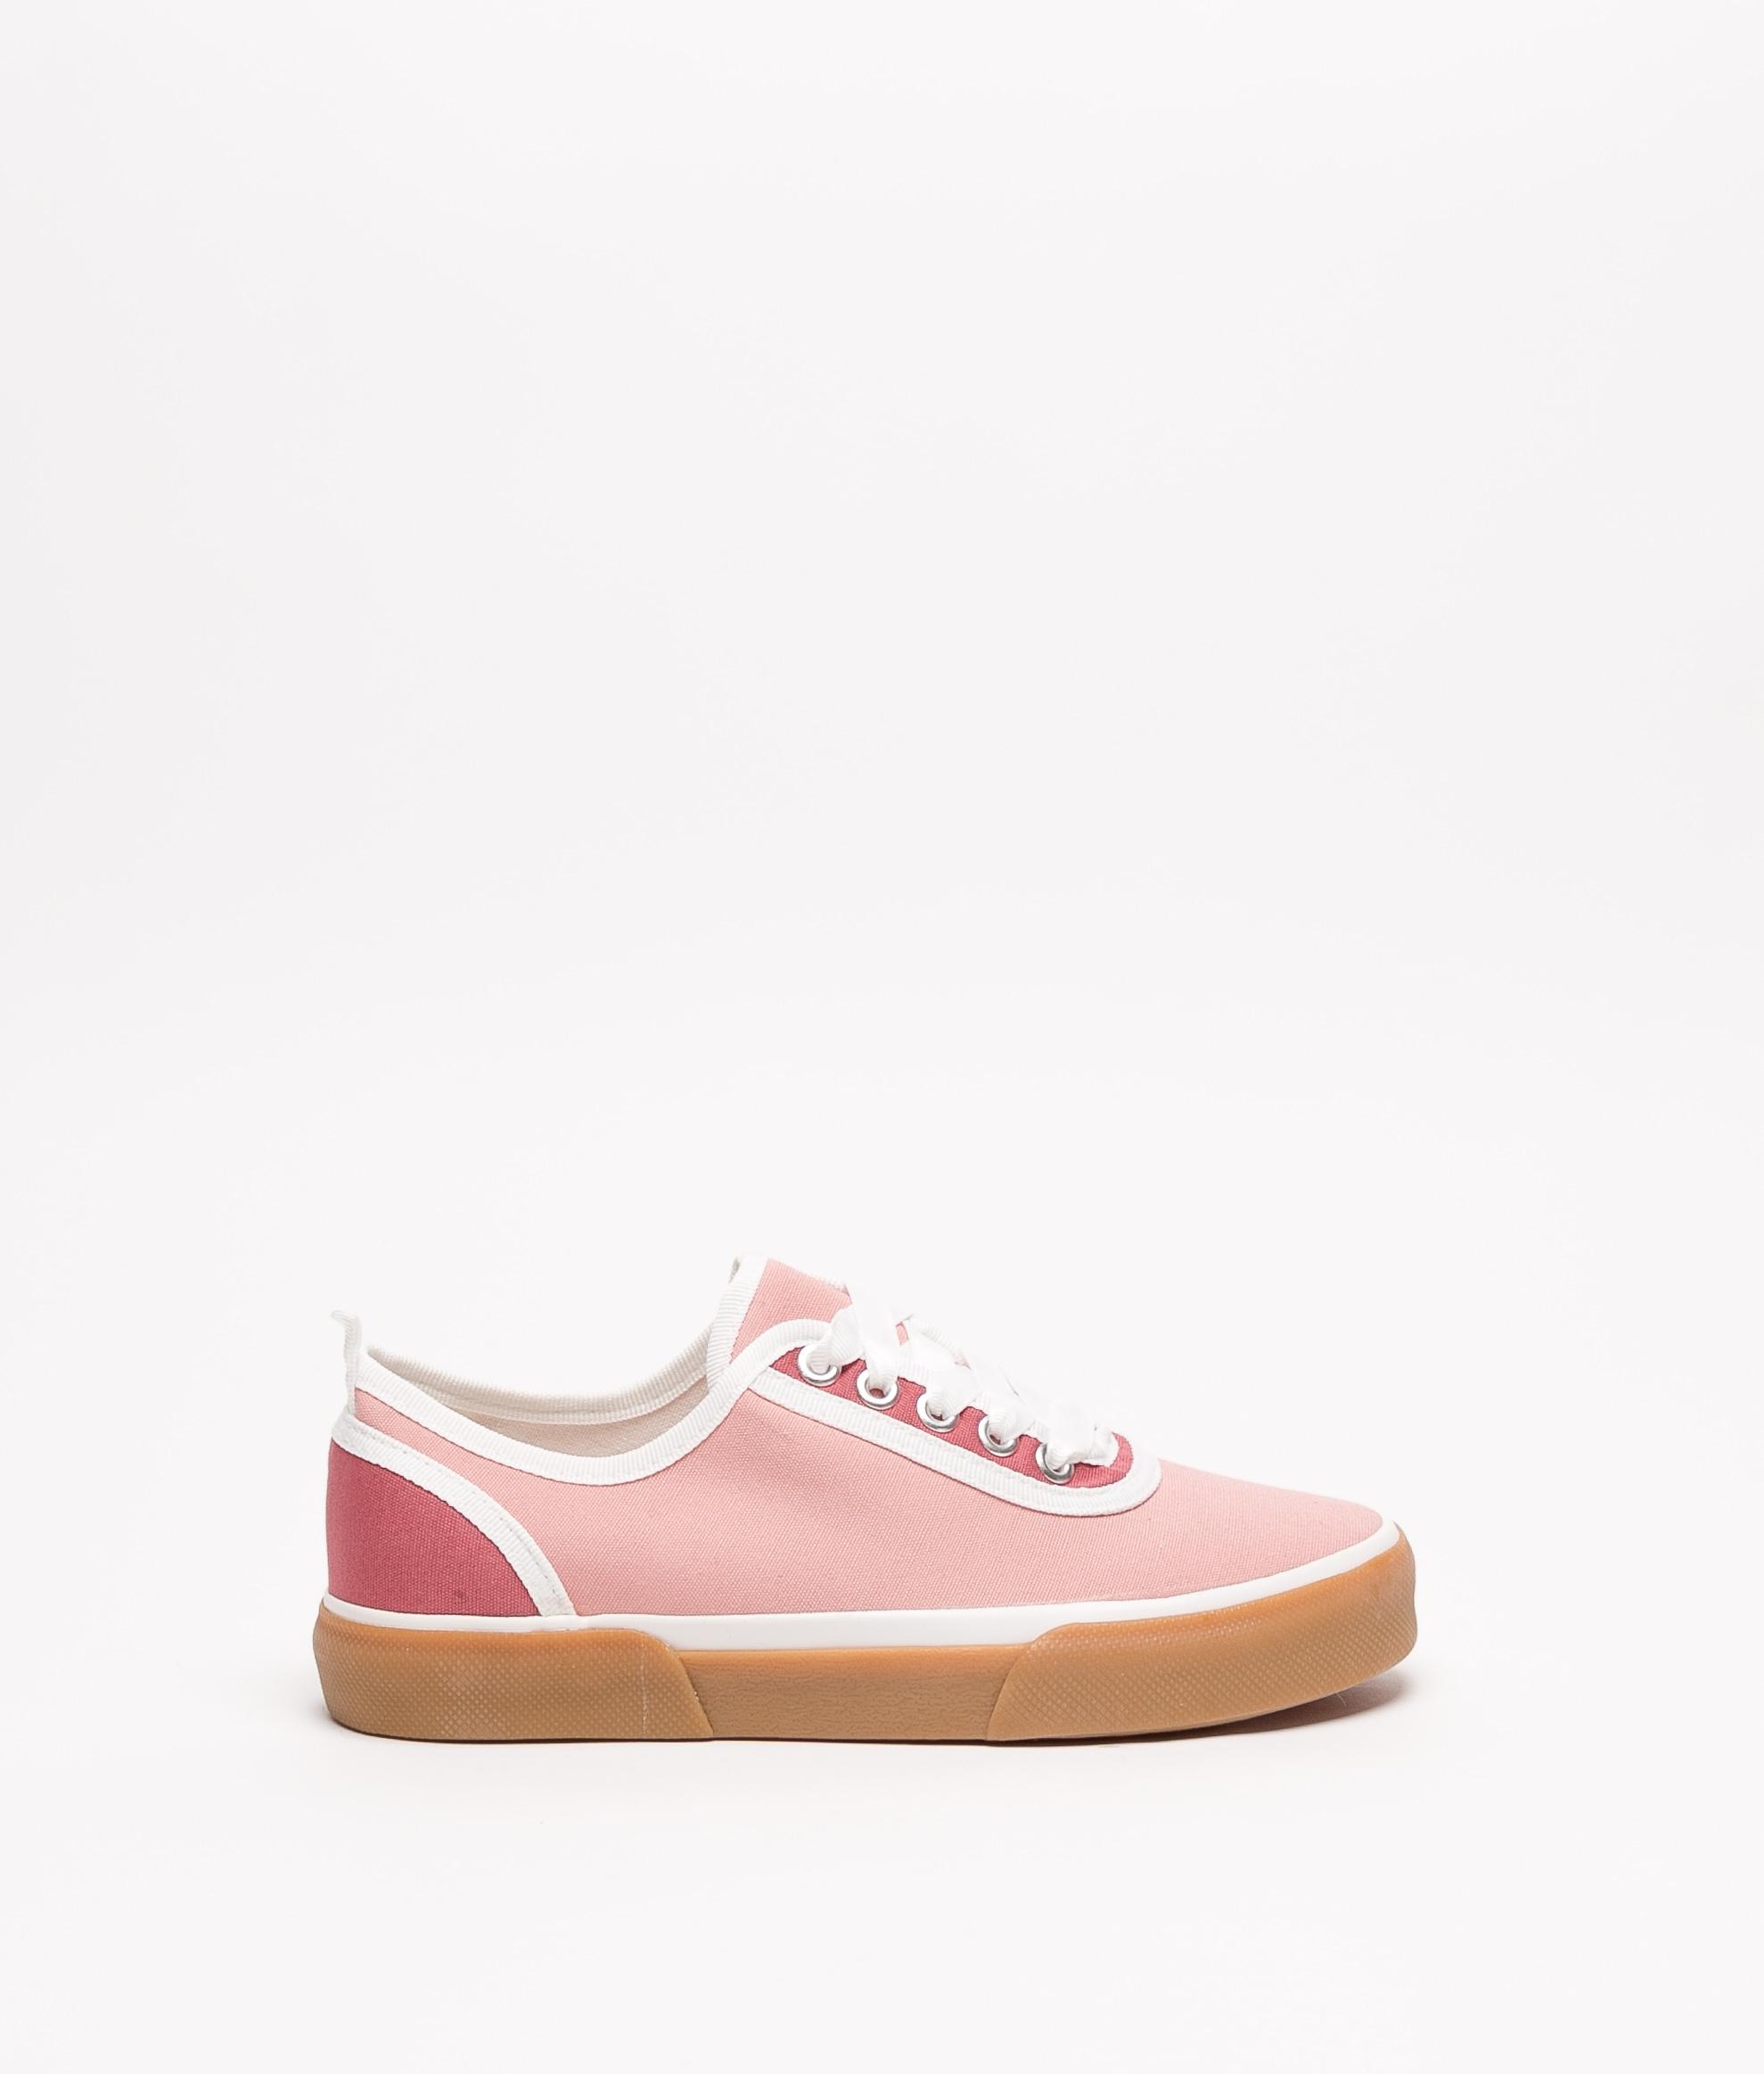 Sneakers Kineli - Rose